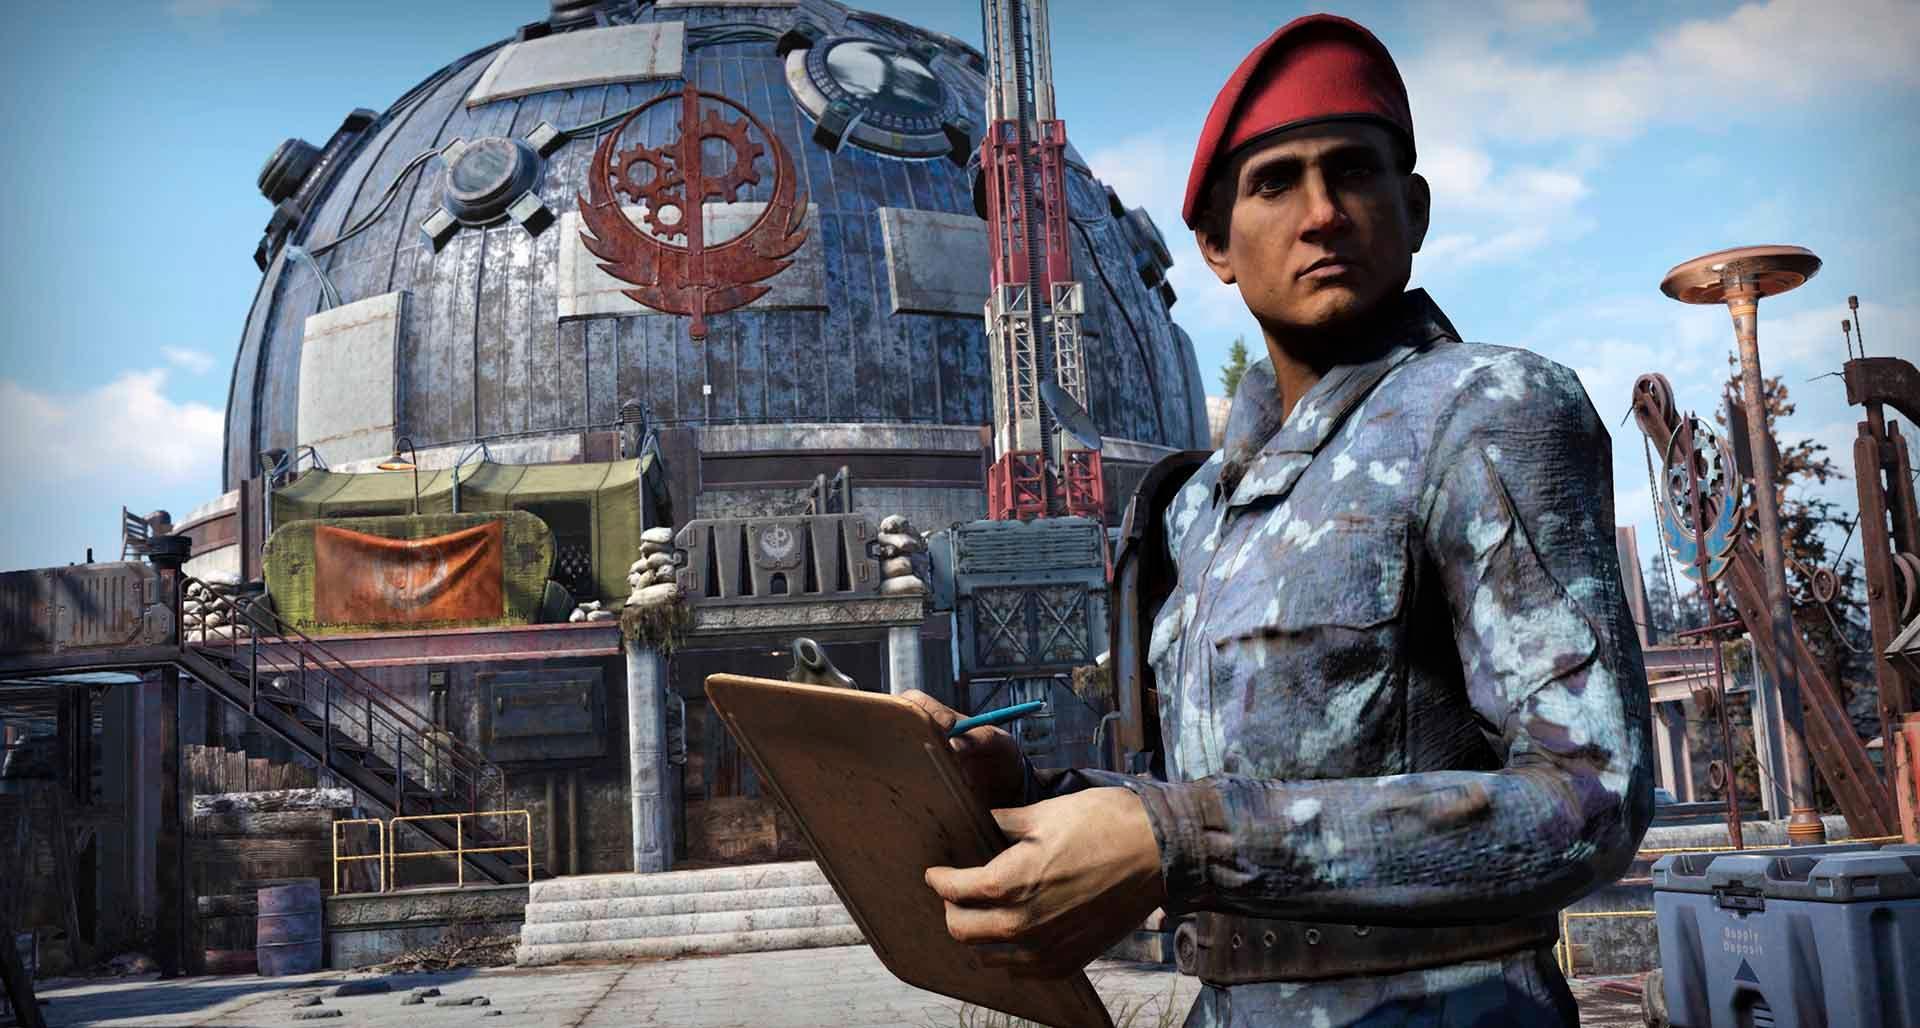 Ya está disponible la actualización 21 de Fallout 76, que incluye muchas novedades 4